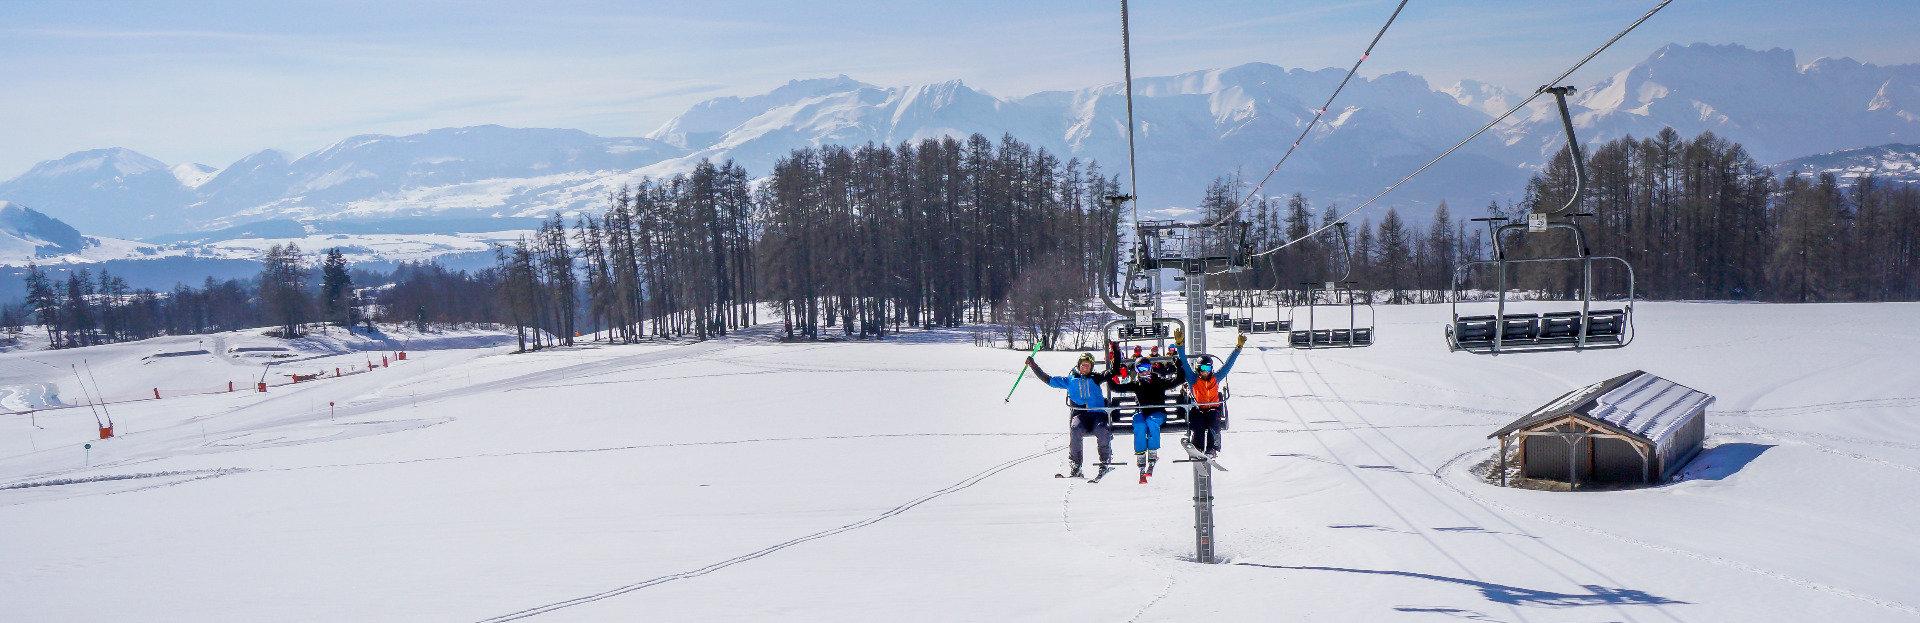 En route pour les pistes de ski de Saint Léger les Mélèzes... Soleil et neige fraiche, le combo gagnant du Champsaur dans les Hautes-Alpes... - © Office de Tourisme du Champsaur